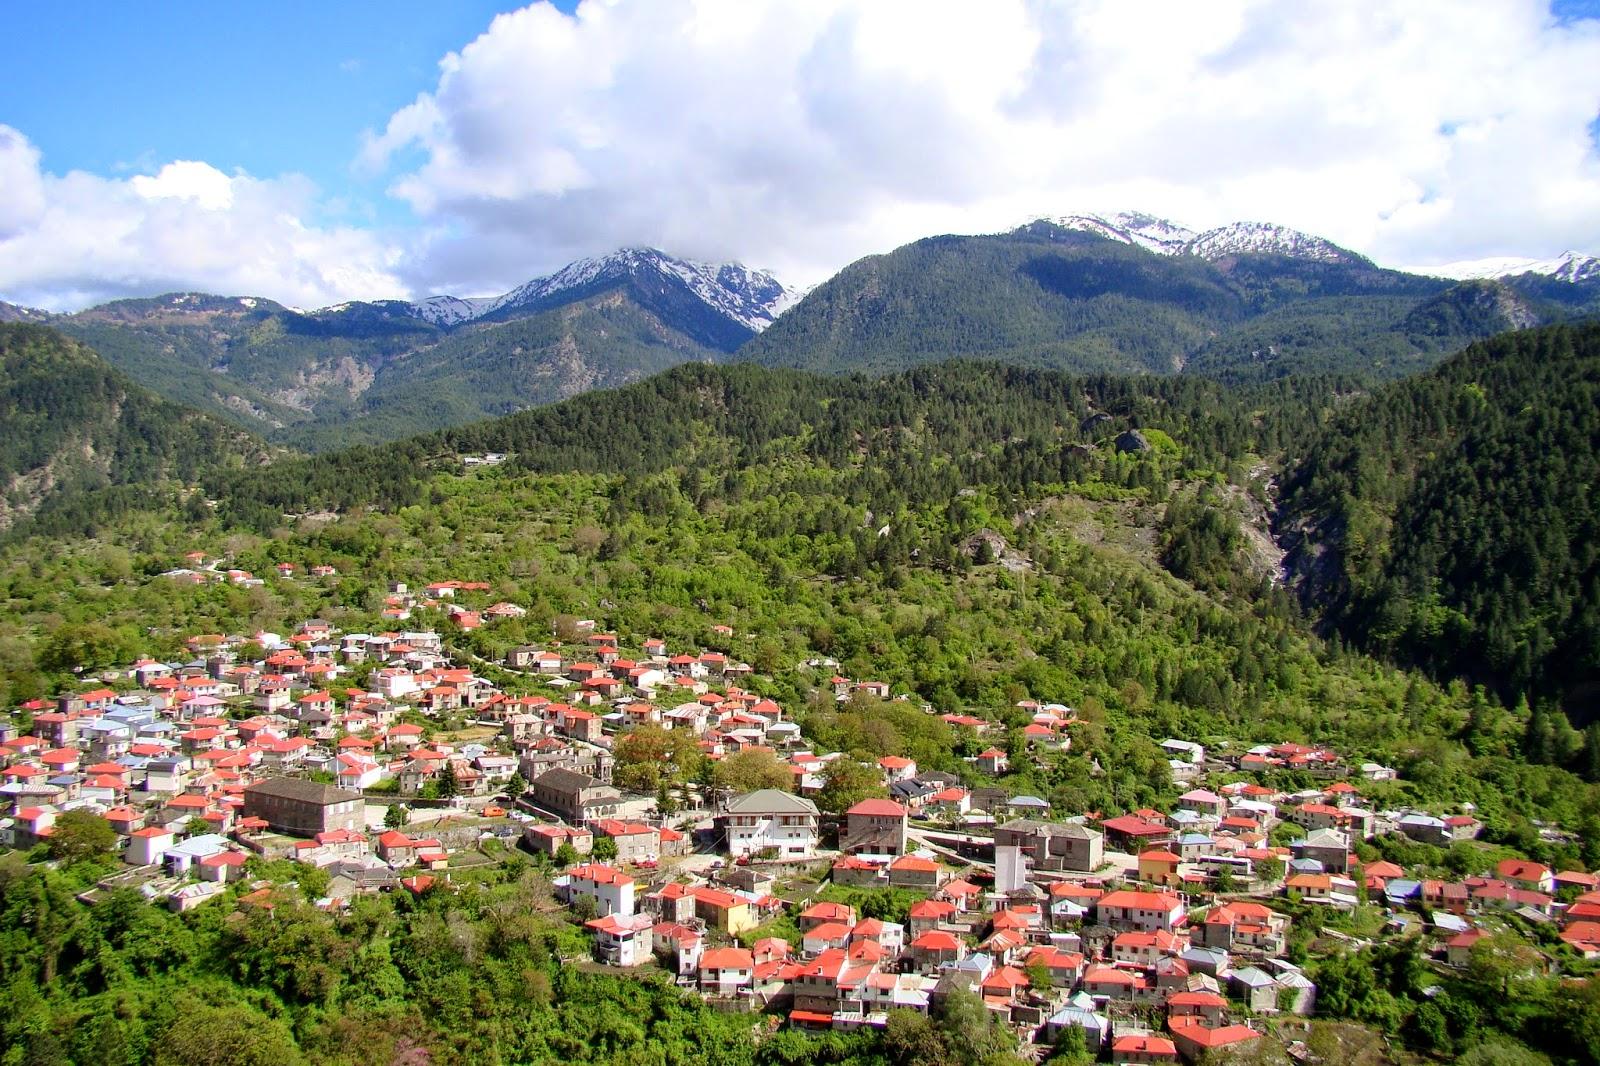 Ήπειρος: 4 ήσυχα χωριά για να βρείς την...υγεία σου